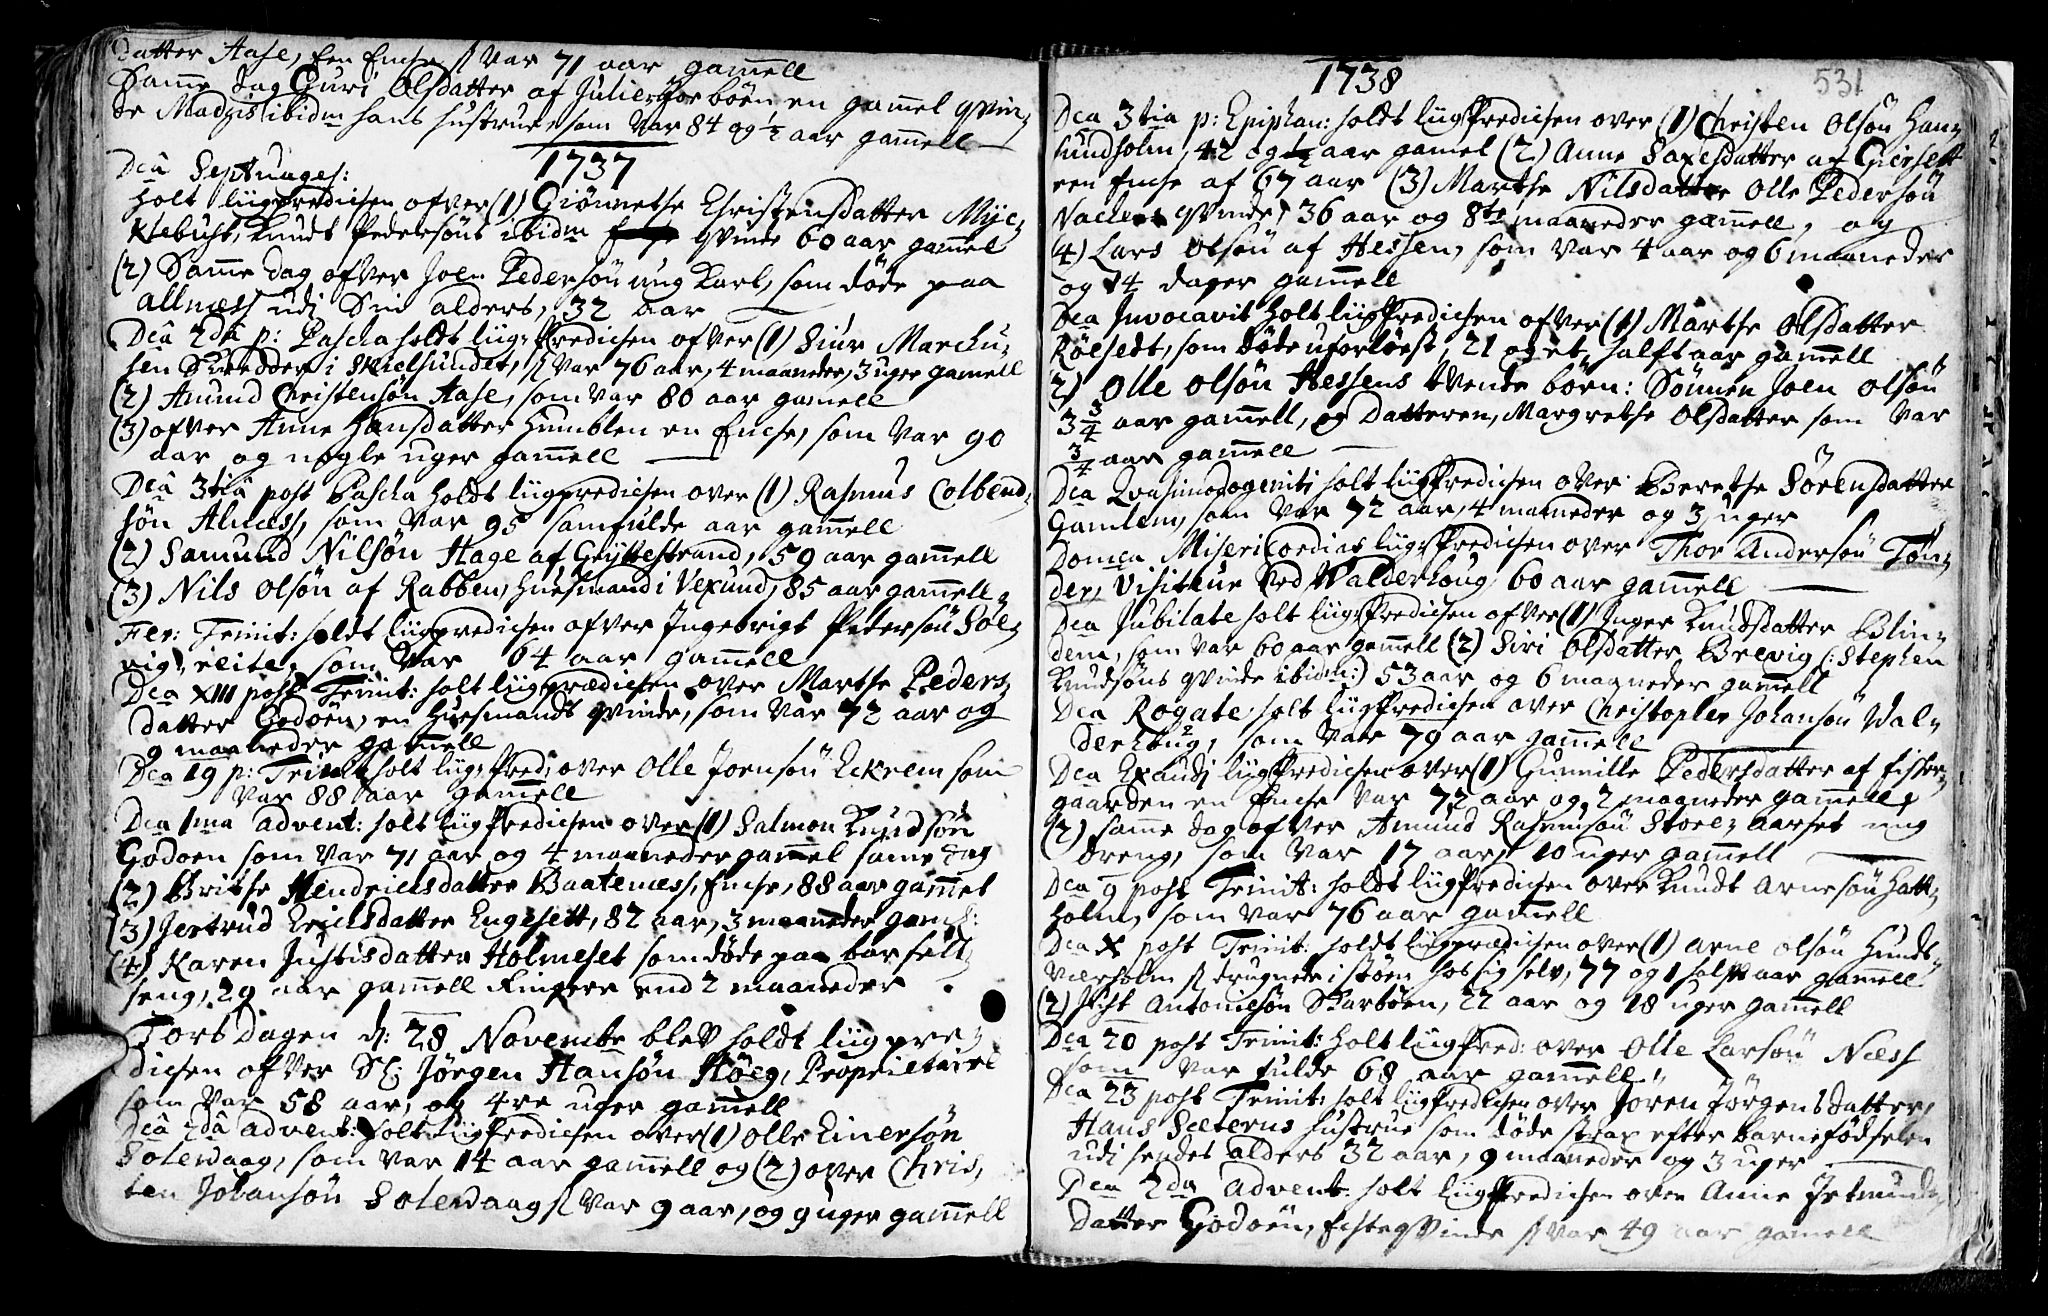 SAT, Ministerialprotokoller, klokkerbøker og fødselsregistre - Møre og Romsdal, 528/L0390: Ministerialbok nr. 528A01, 1698-1739, s. 530-531